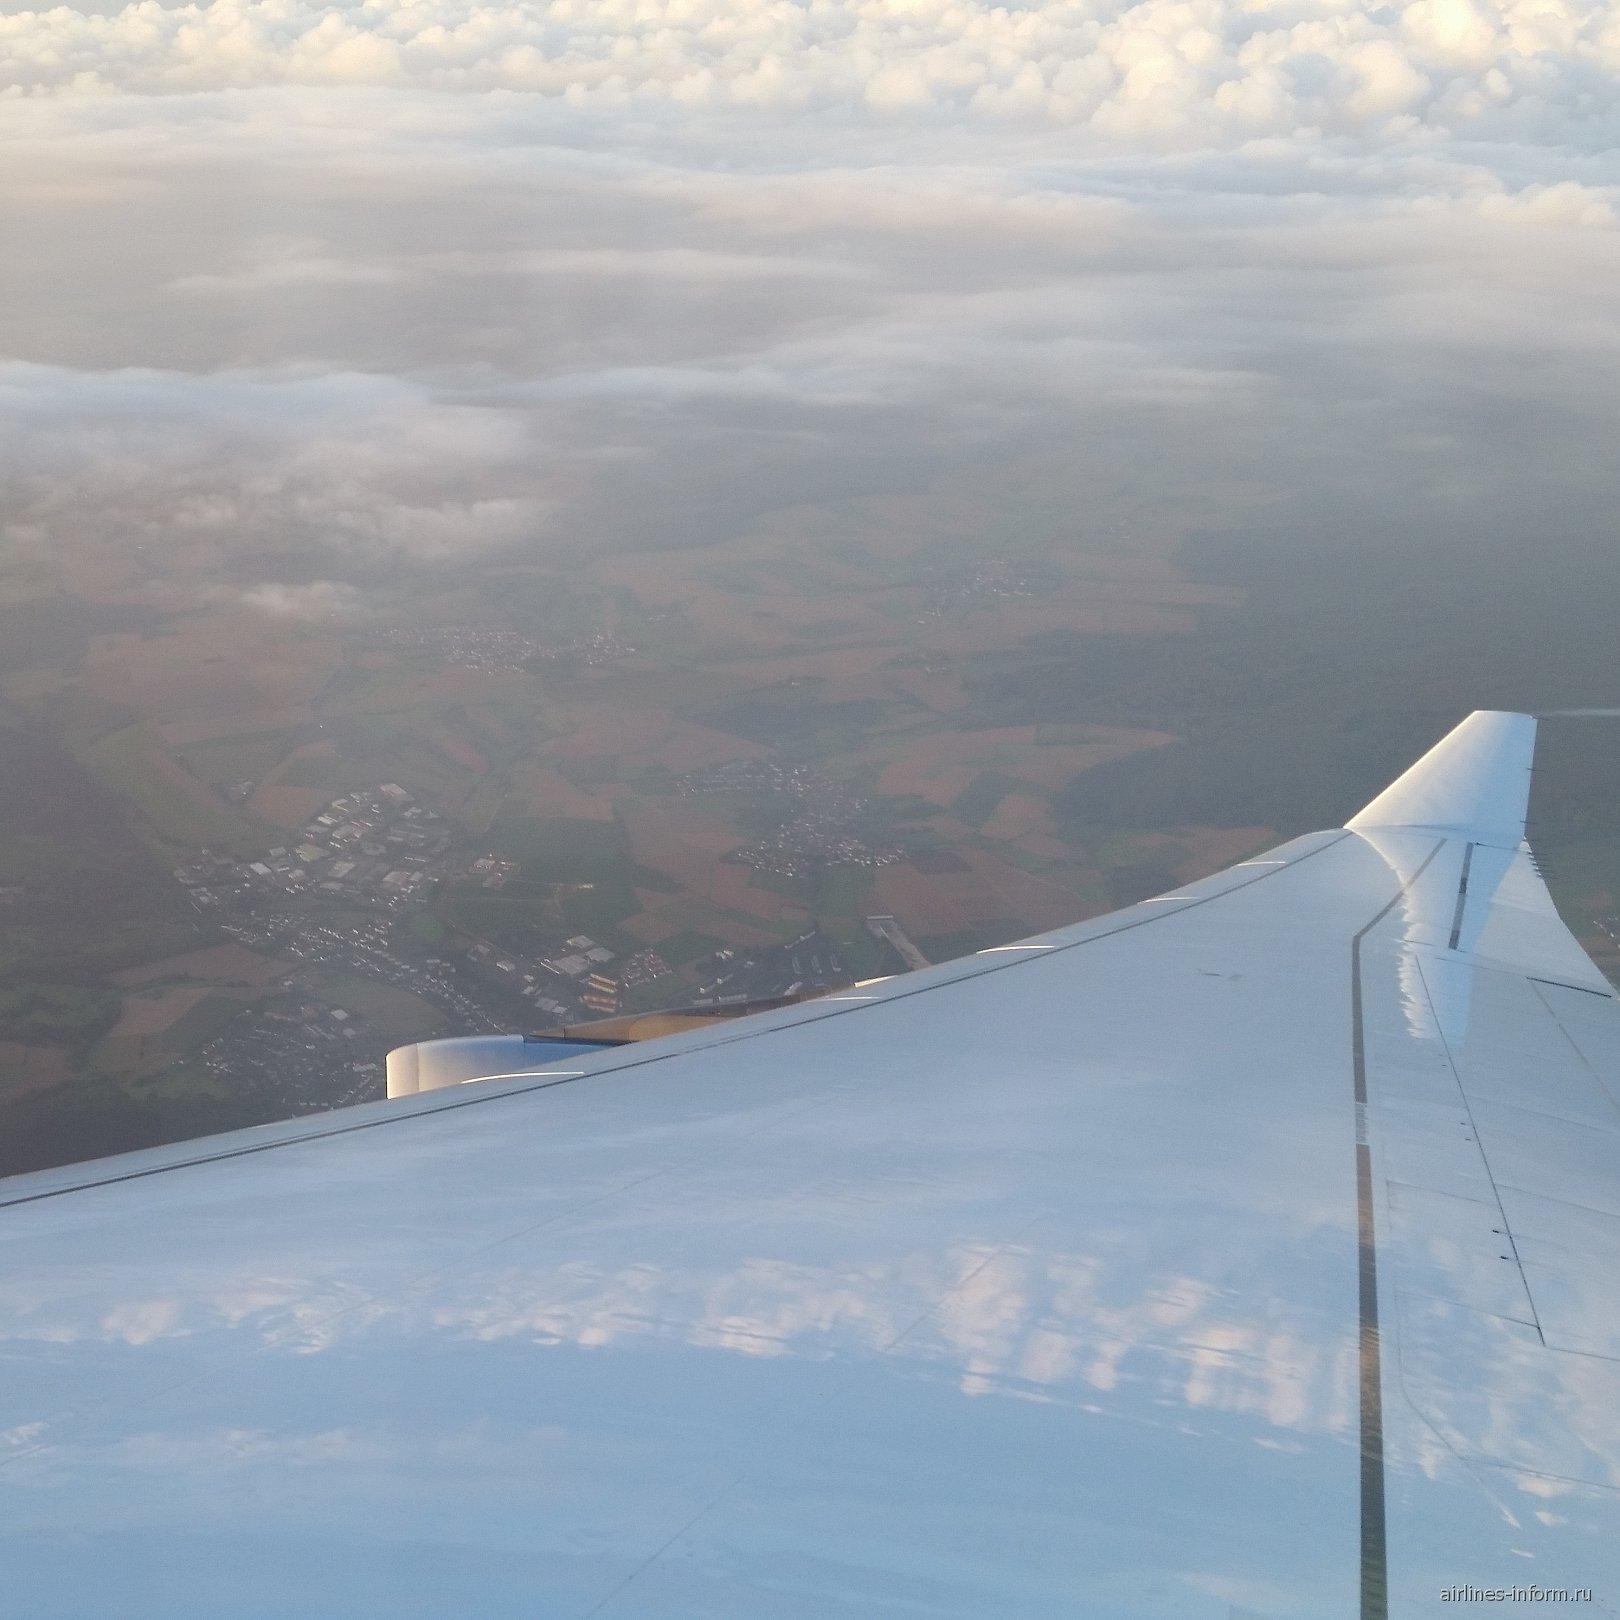 Lufthansa: Из рук в руки, всегда в надежных руках! Часть 2